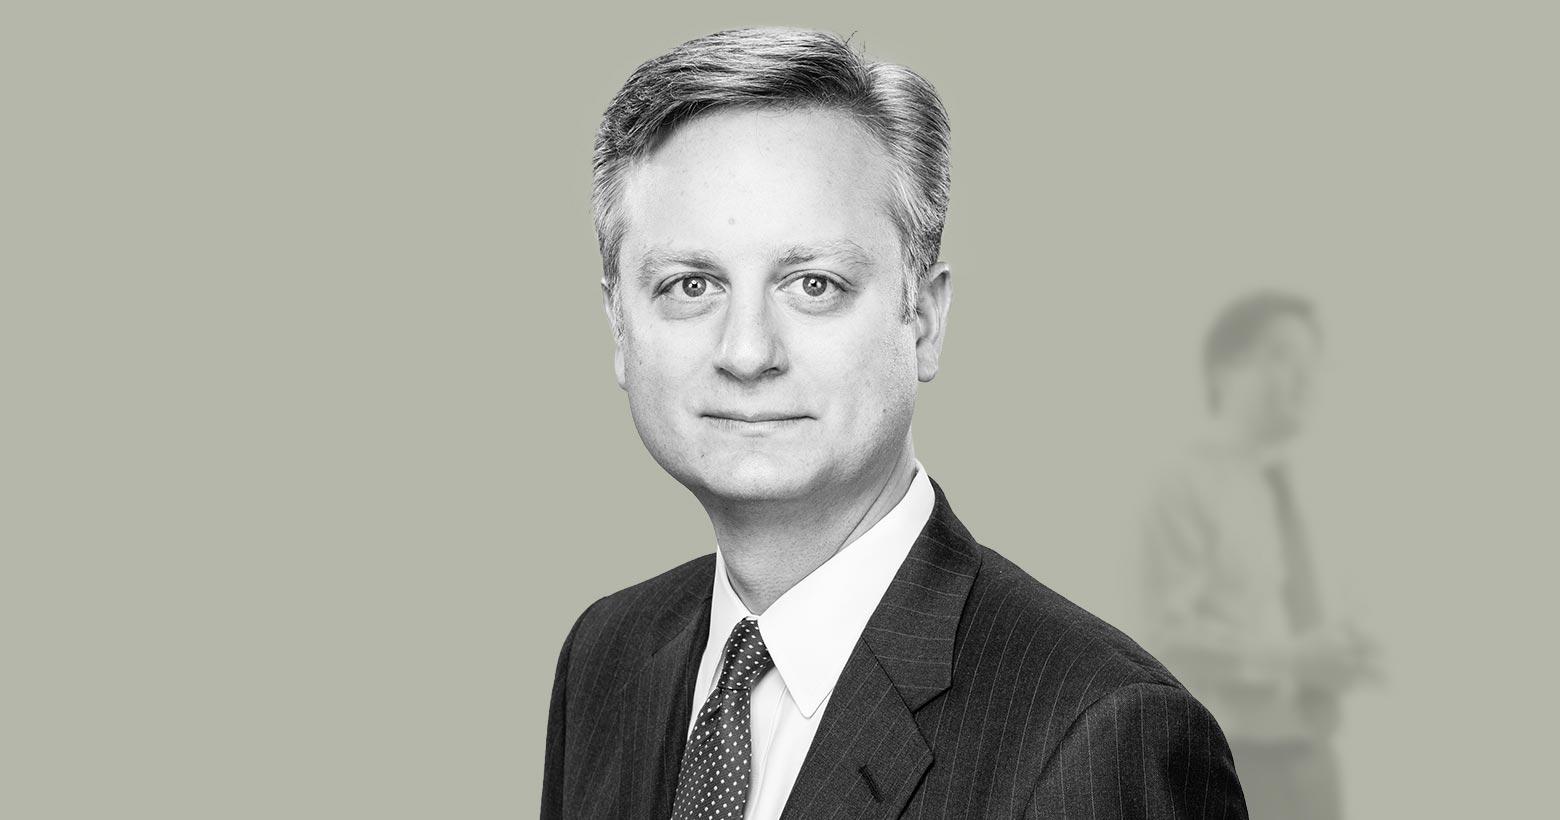 Bryce L. Friedman